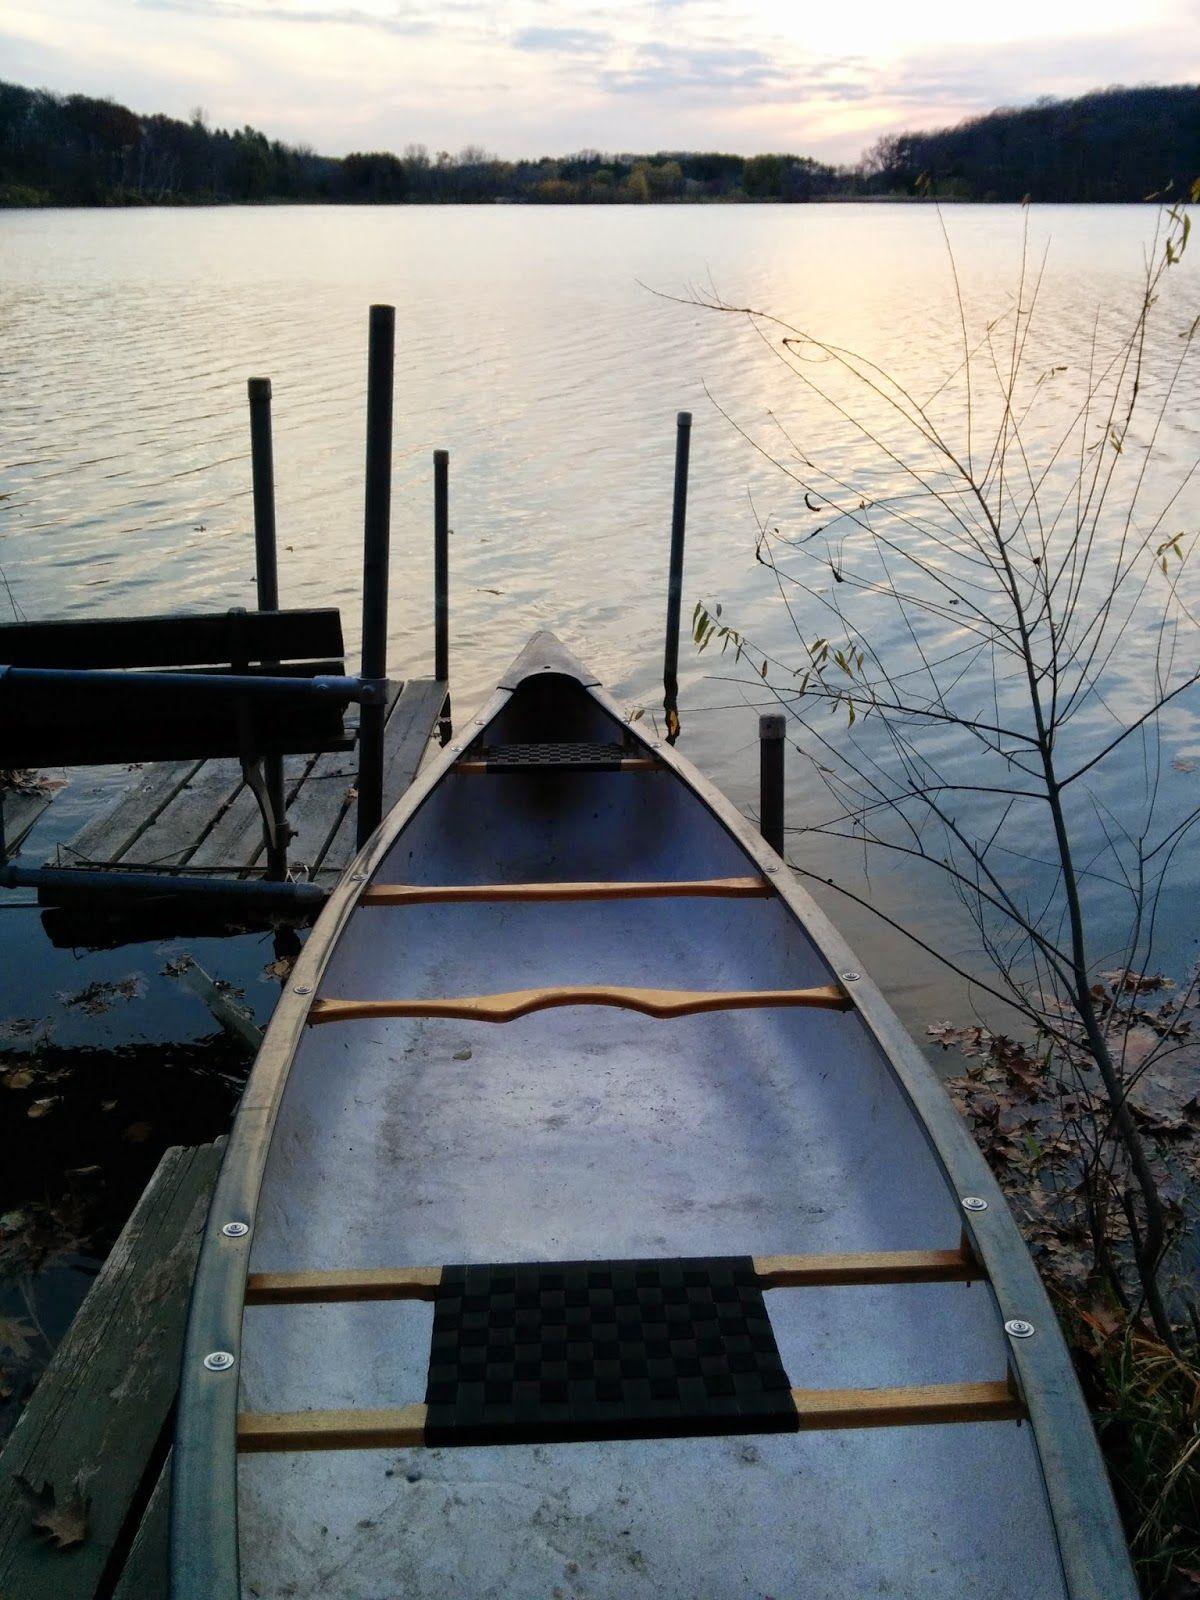 Buildin Projects Canoe Seat Replacement Using Woven Polypro Webbing Canoe Seats Canoe Canoe Gear